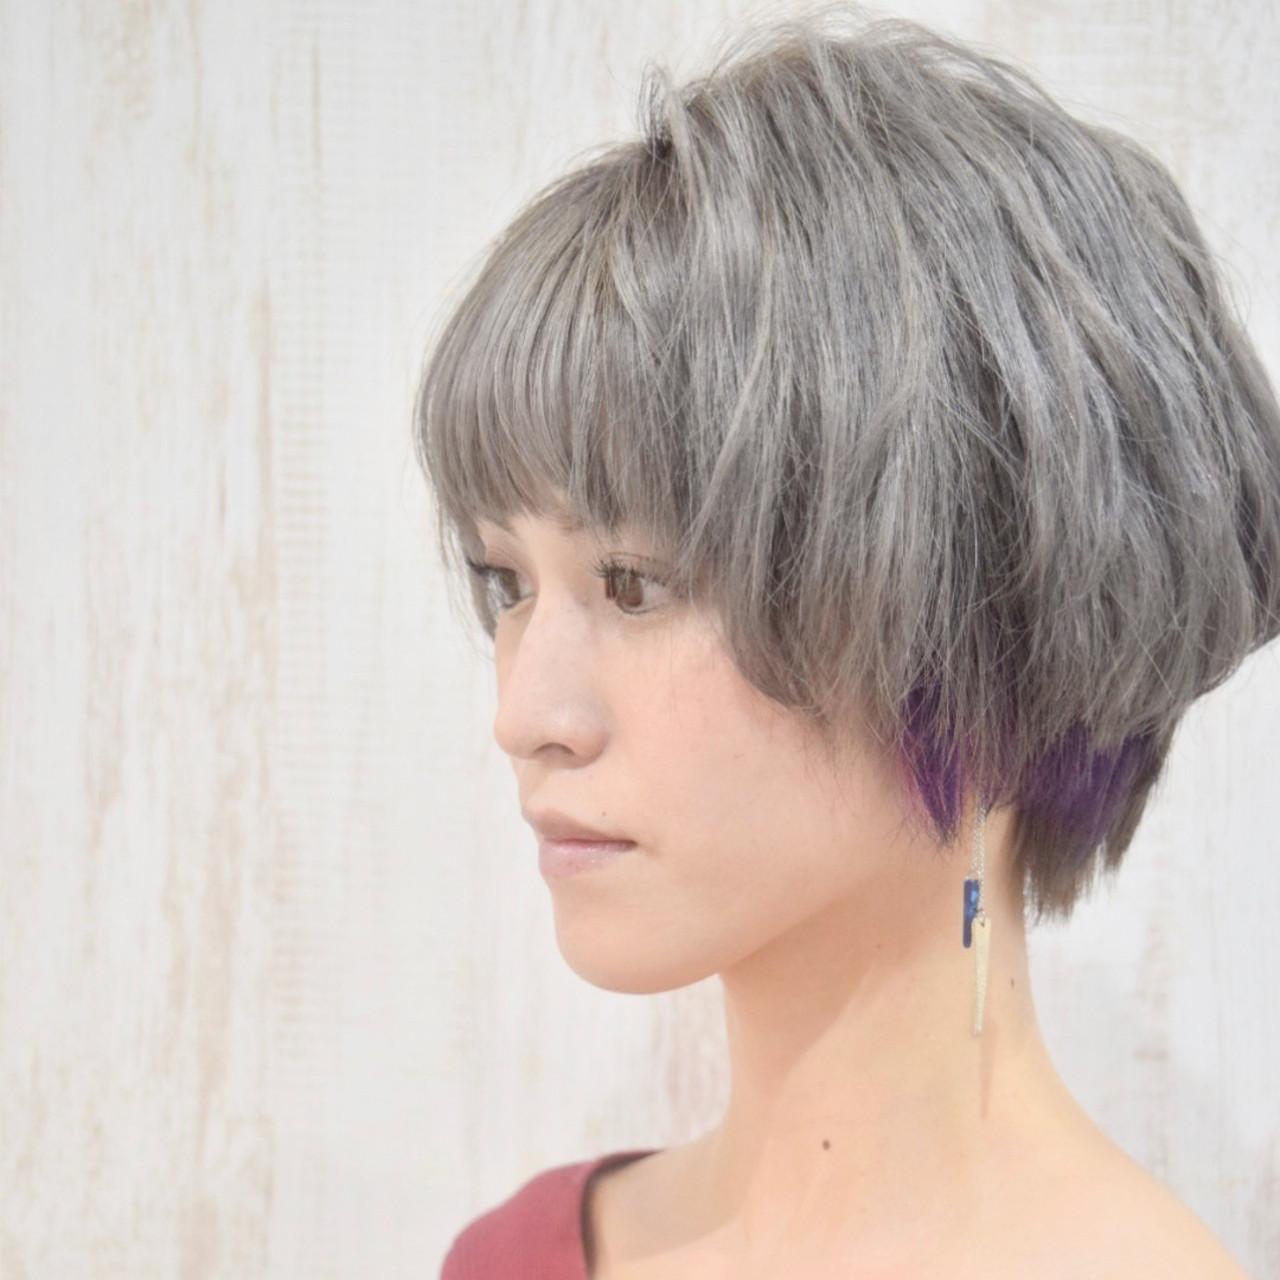 ベリーショート シルバー シルバーアッシュ エレガント ヘアスタイルや髪型の写真・画像